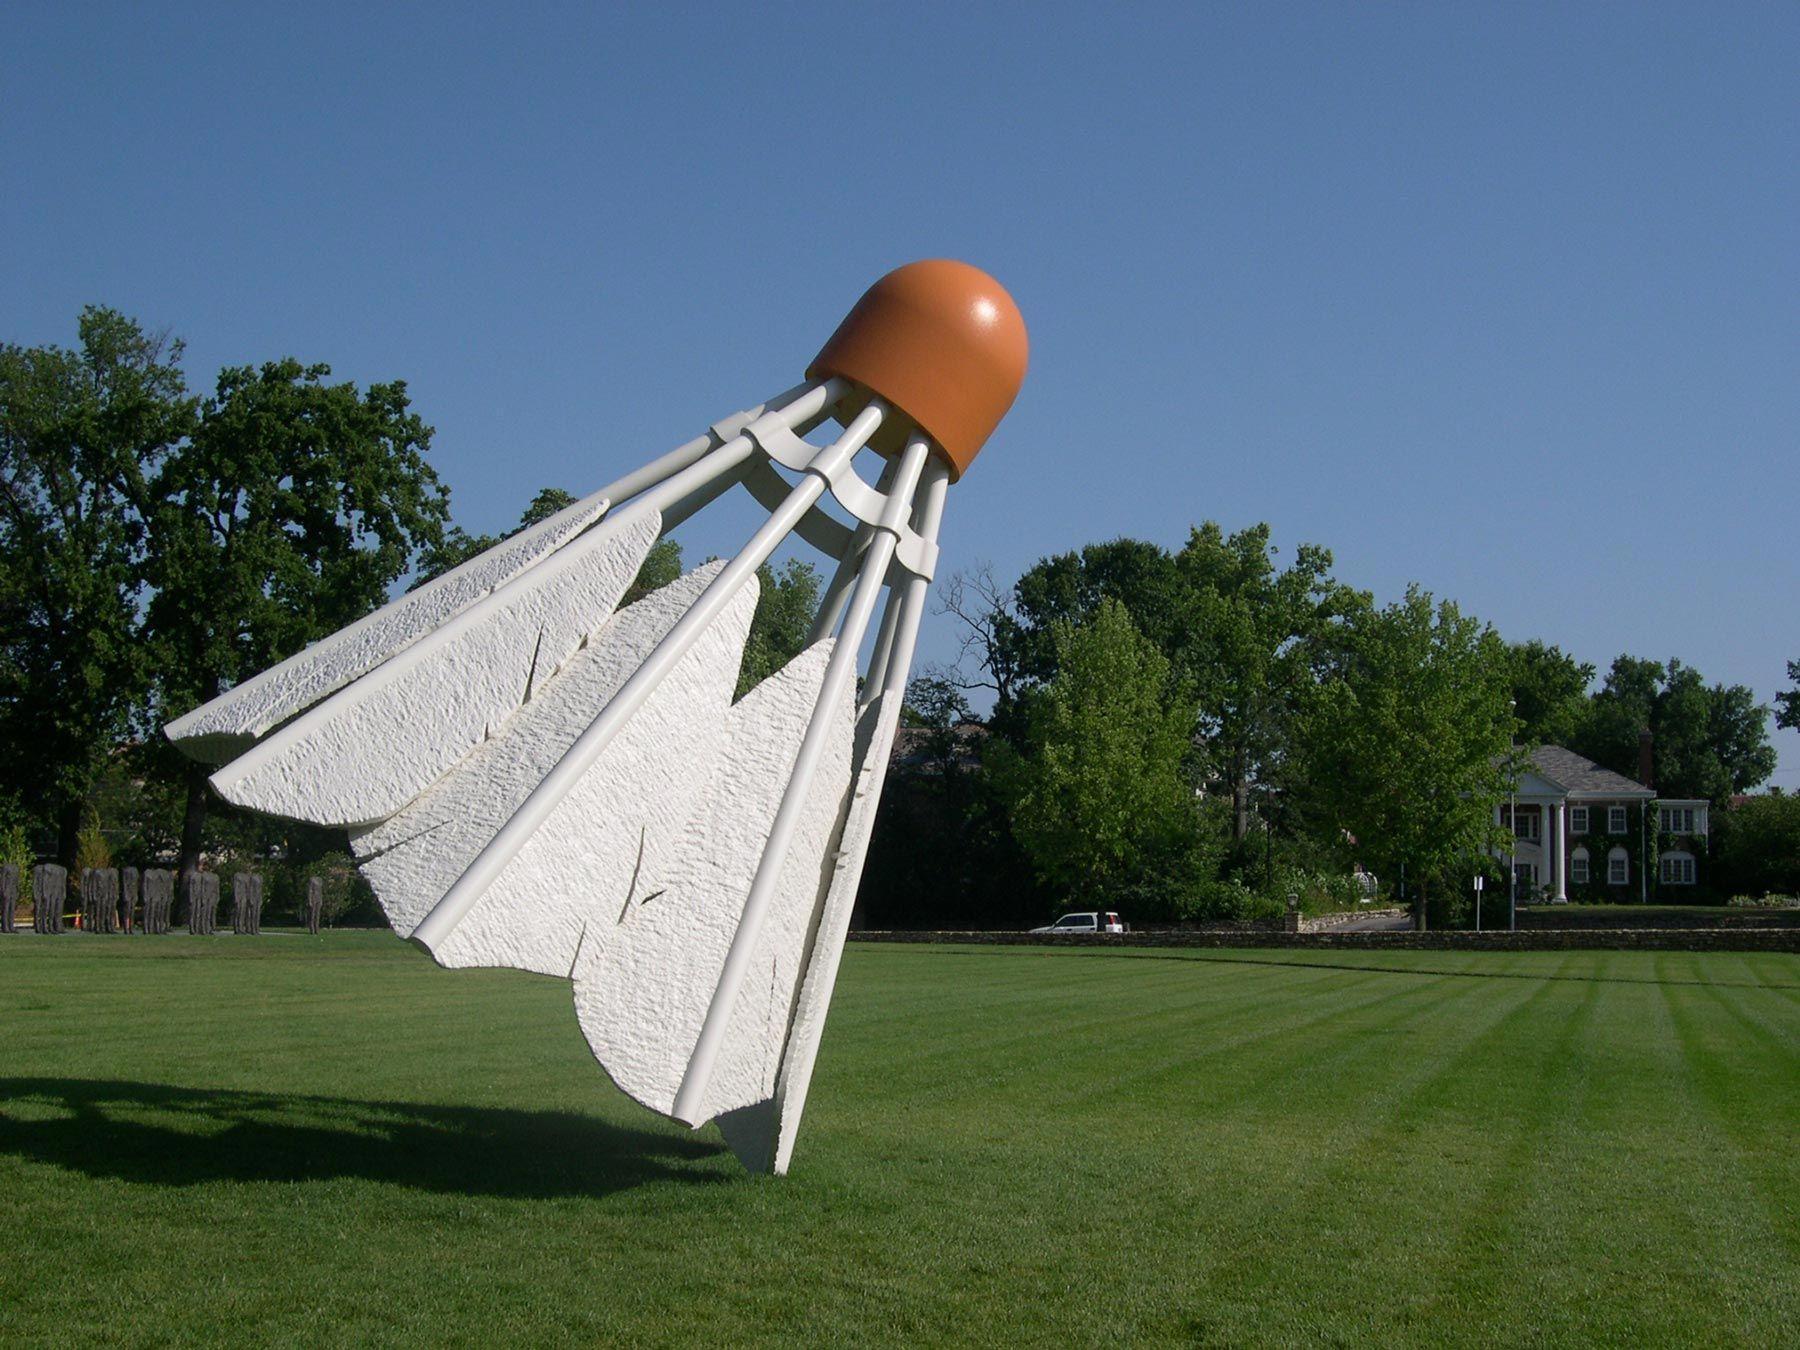 Claes Oldenburg | Claes oldenburg, Public art and Sculptures